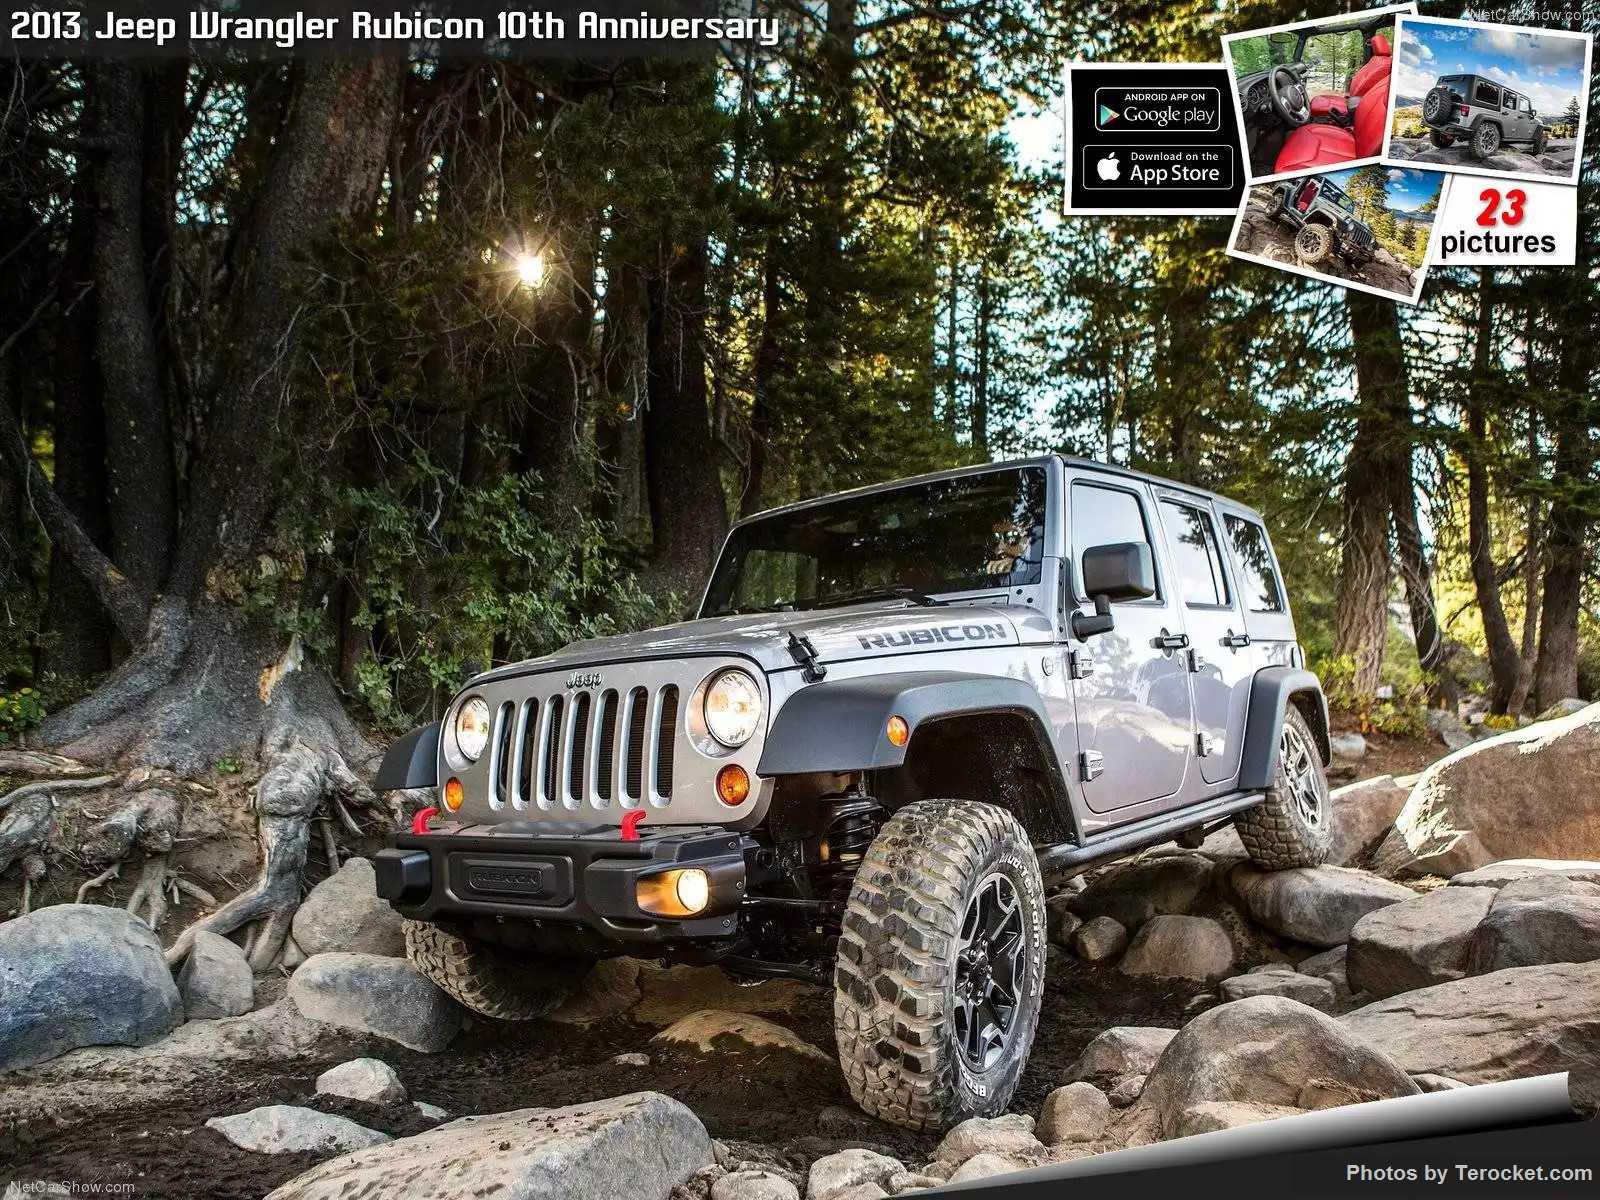 Hình ảnh xe ô tô Jeep Wrangler Rubicon 10th Anniversary 2013 & nội ngoại thất